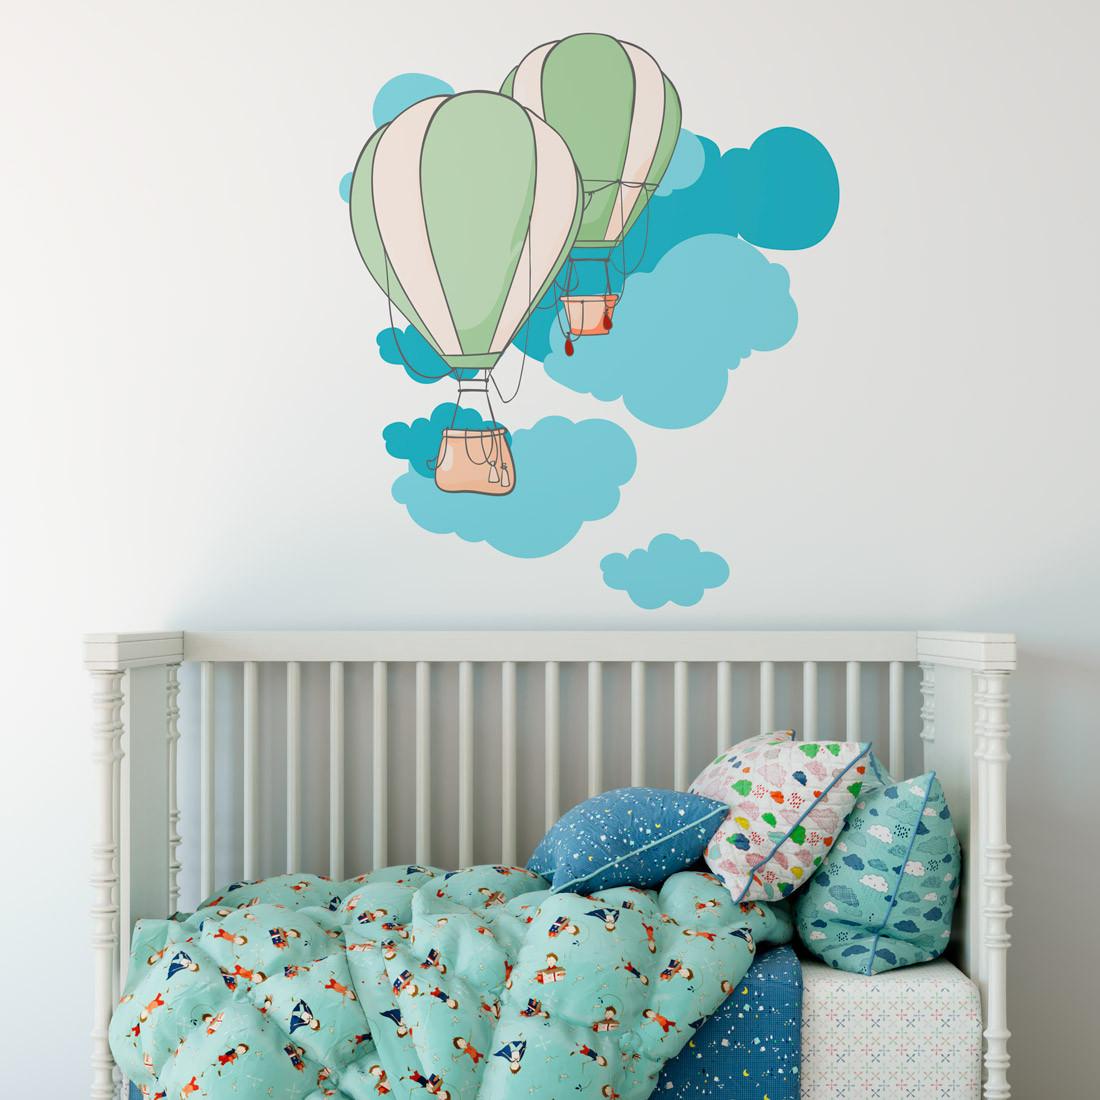 Adesivo de Parede Infantil Balões Verde e Nuvens